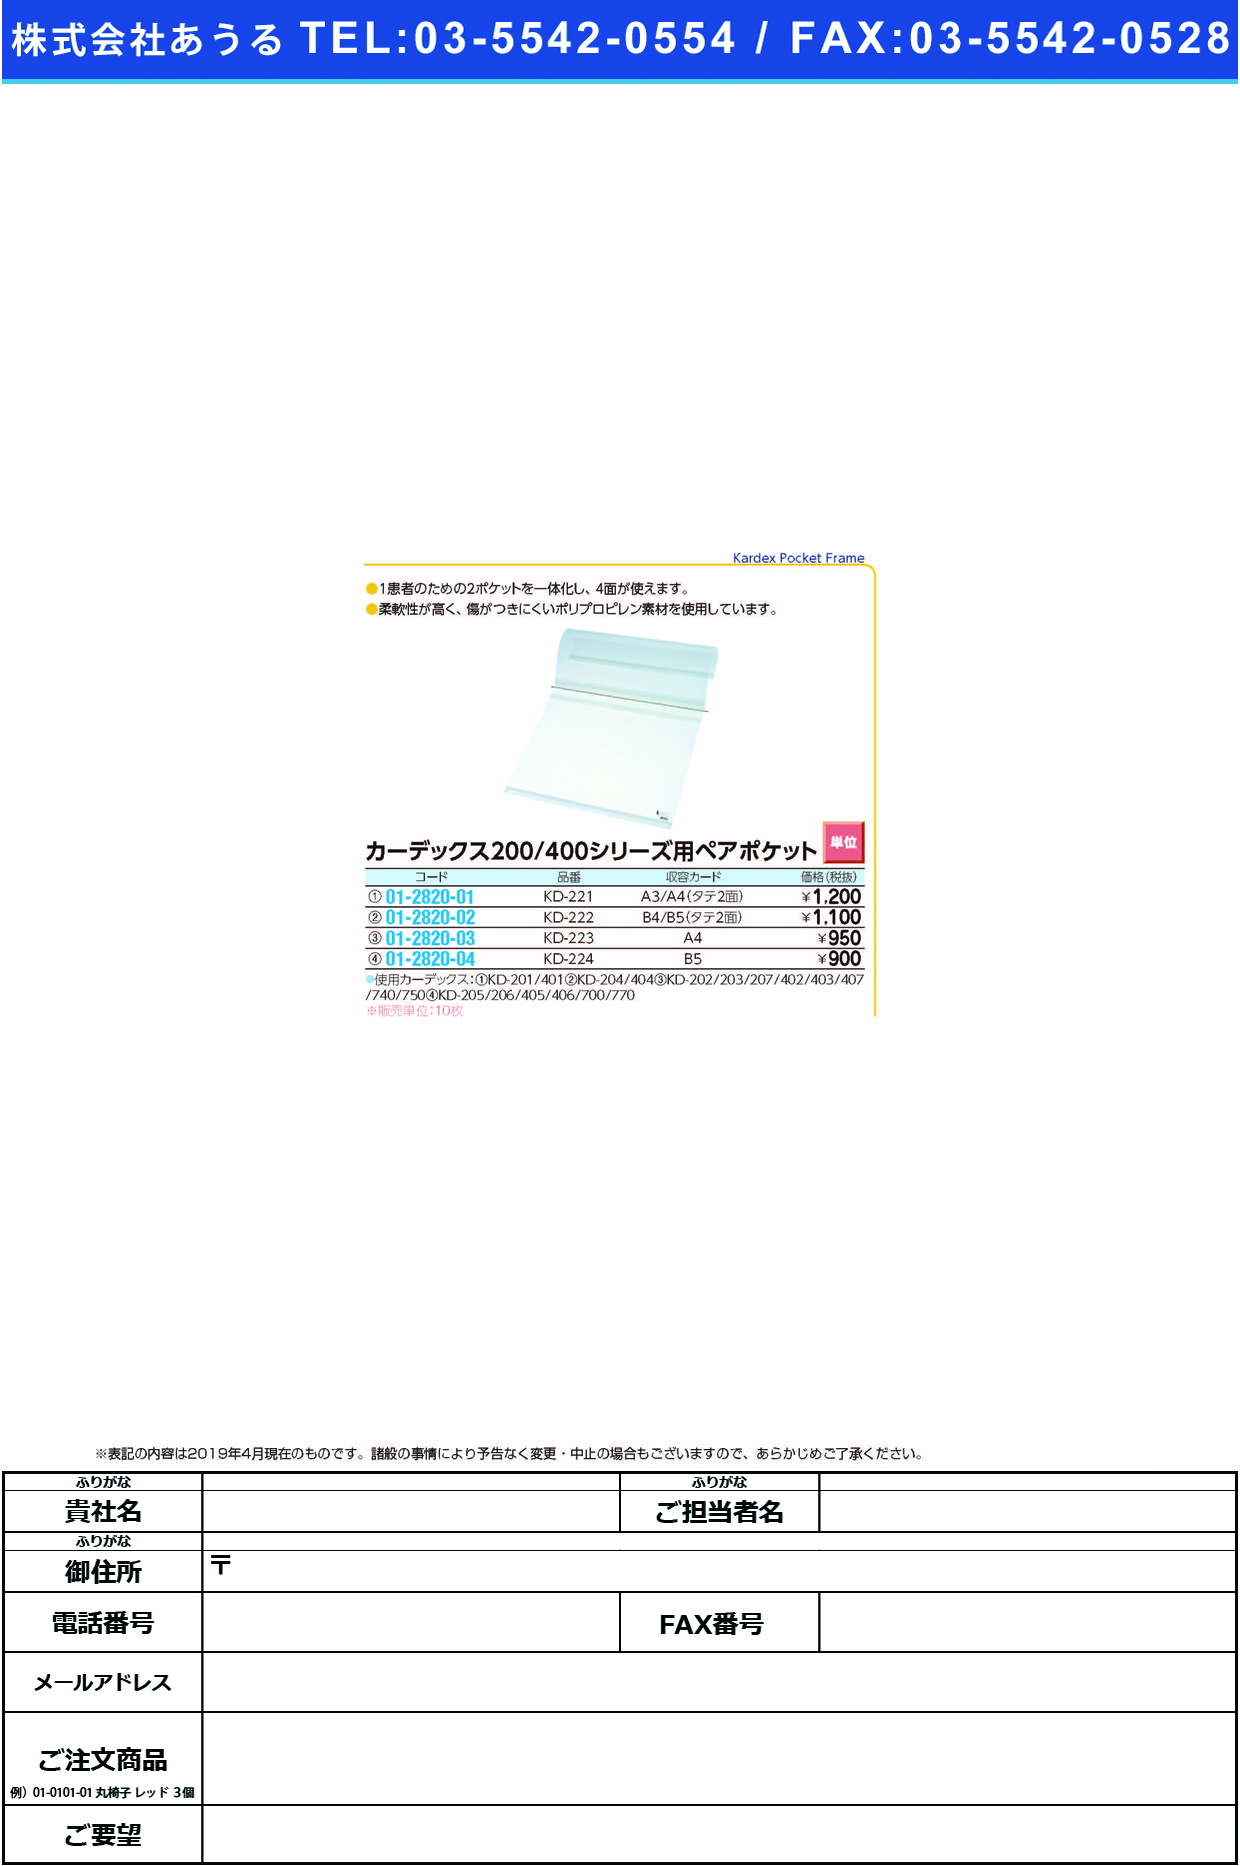 (01-2820-02)カーデックスポケット(B4/B5) KD-222 カーデックスポケット(ケルン)【10枚単位】【2019年カタログ商品】